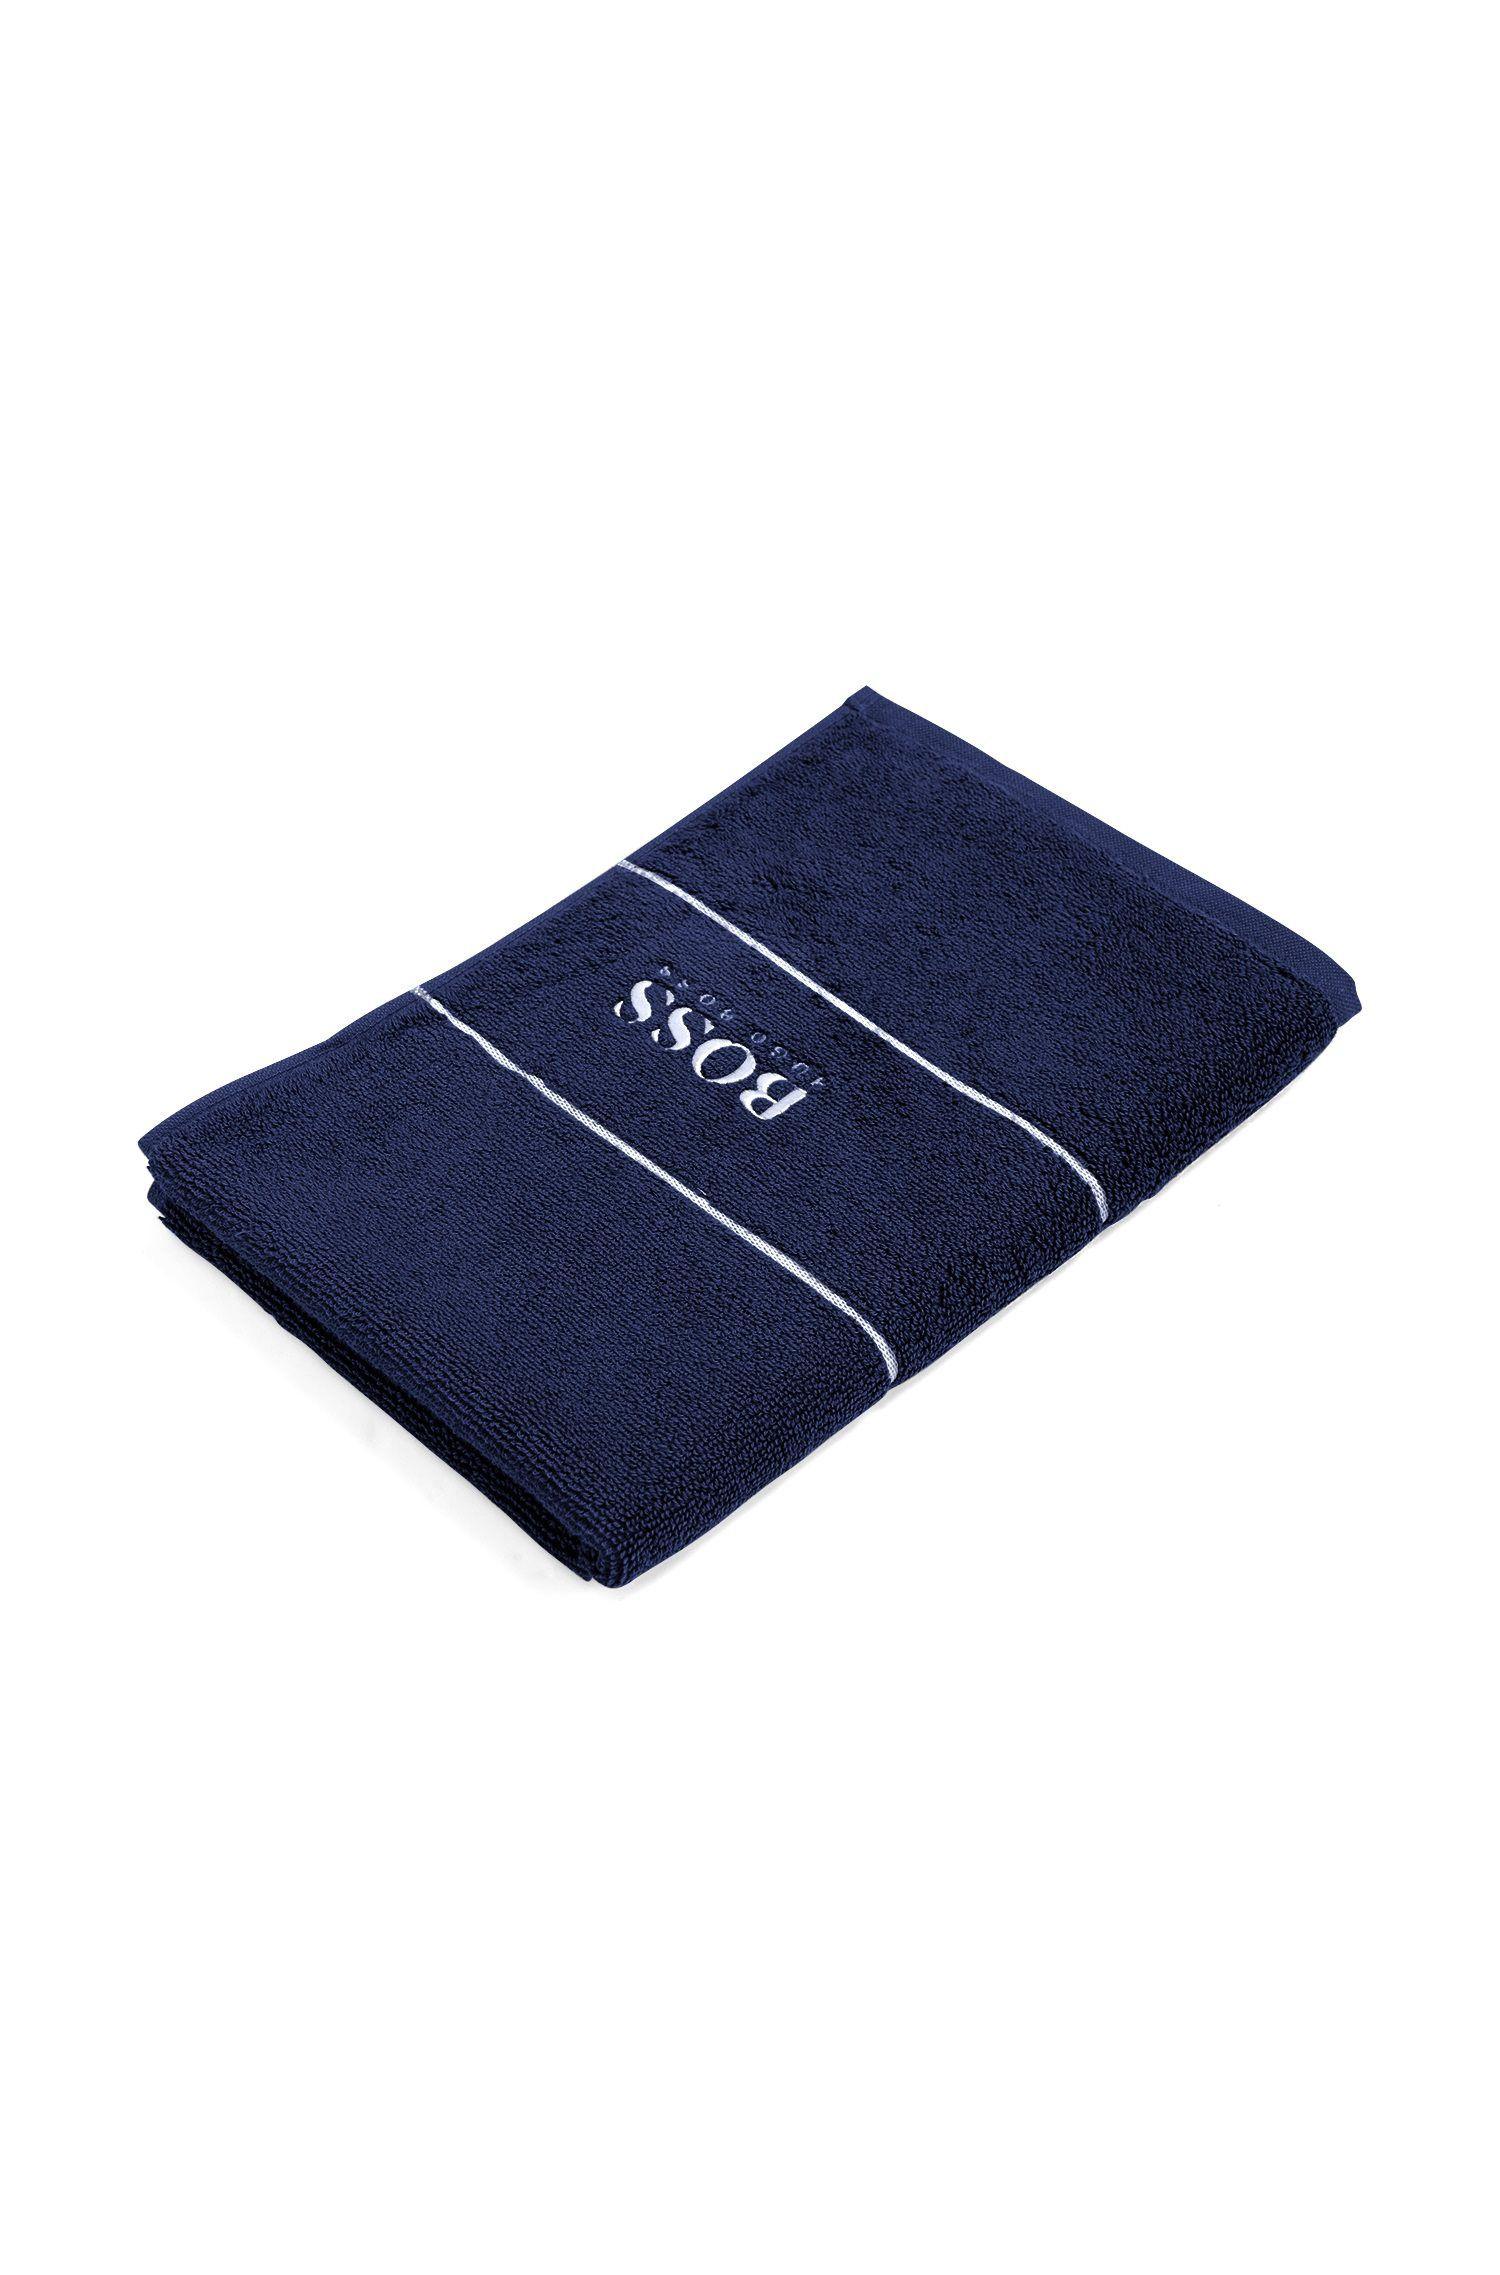 Toalla para invitados en algodón egipcio de la máxima calidad con logo en el borde, Azul oscuro